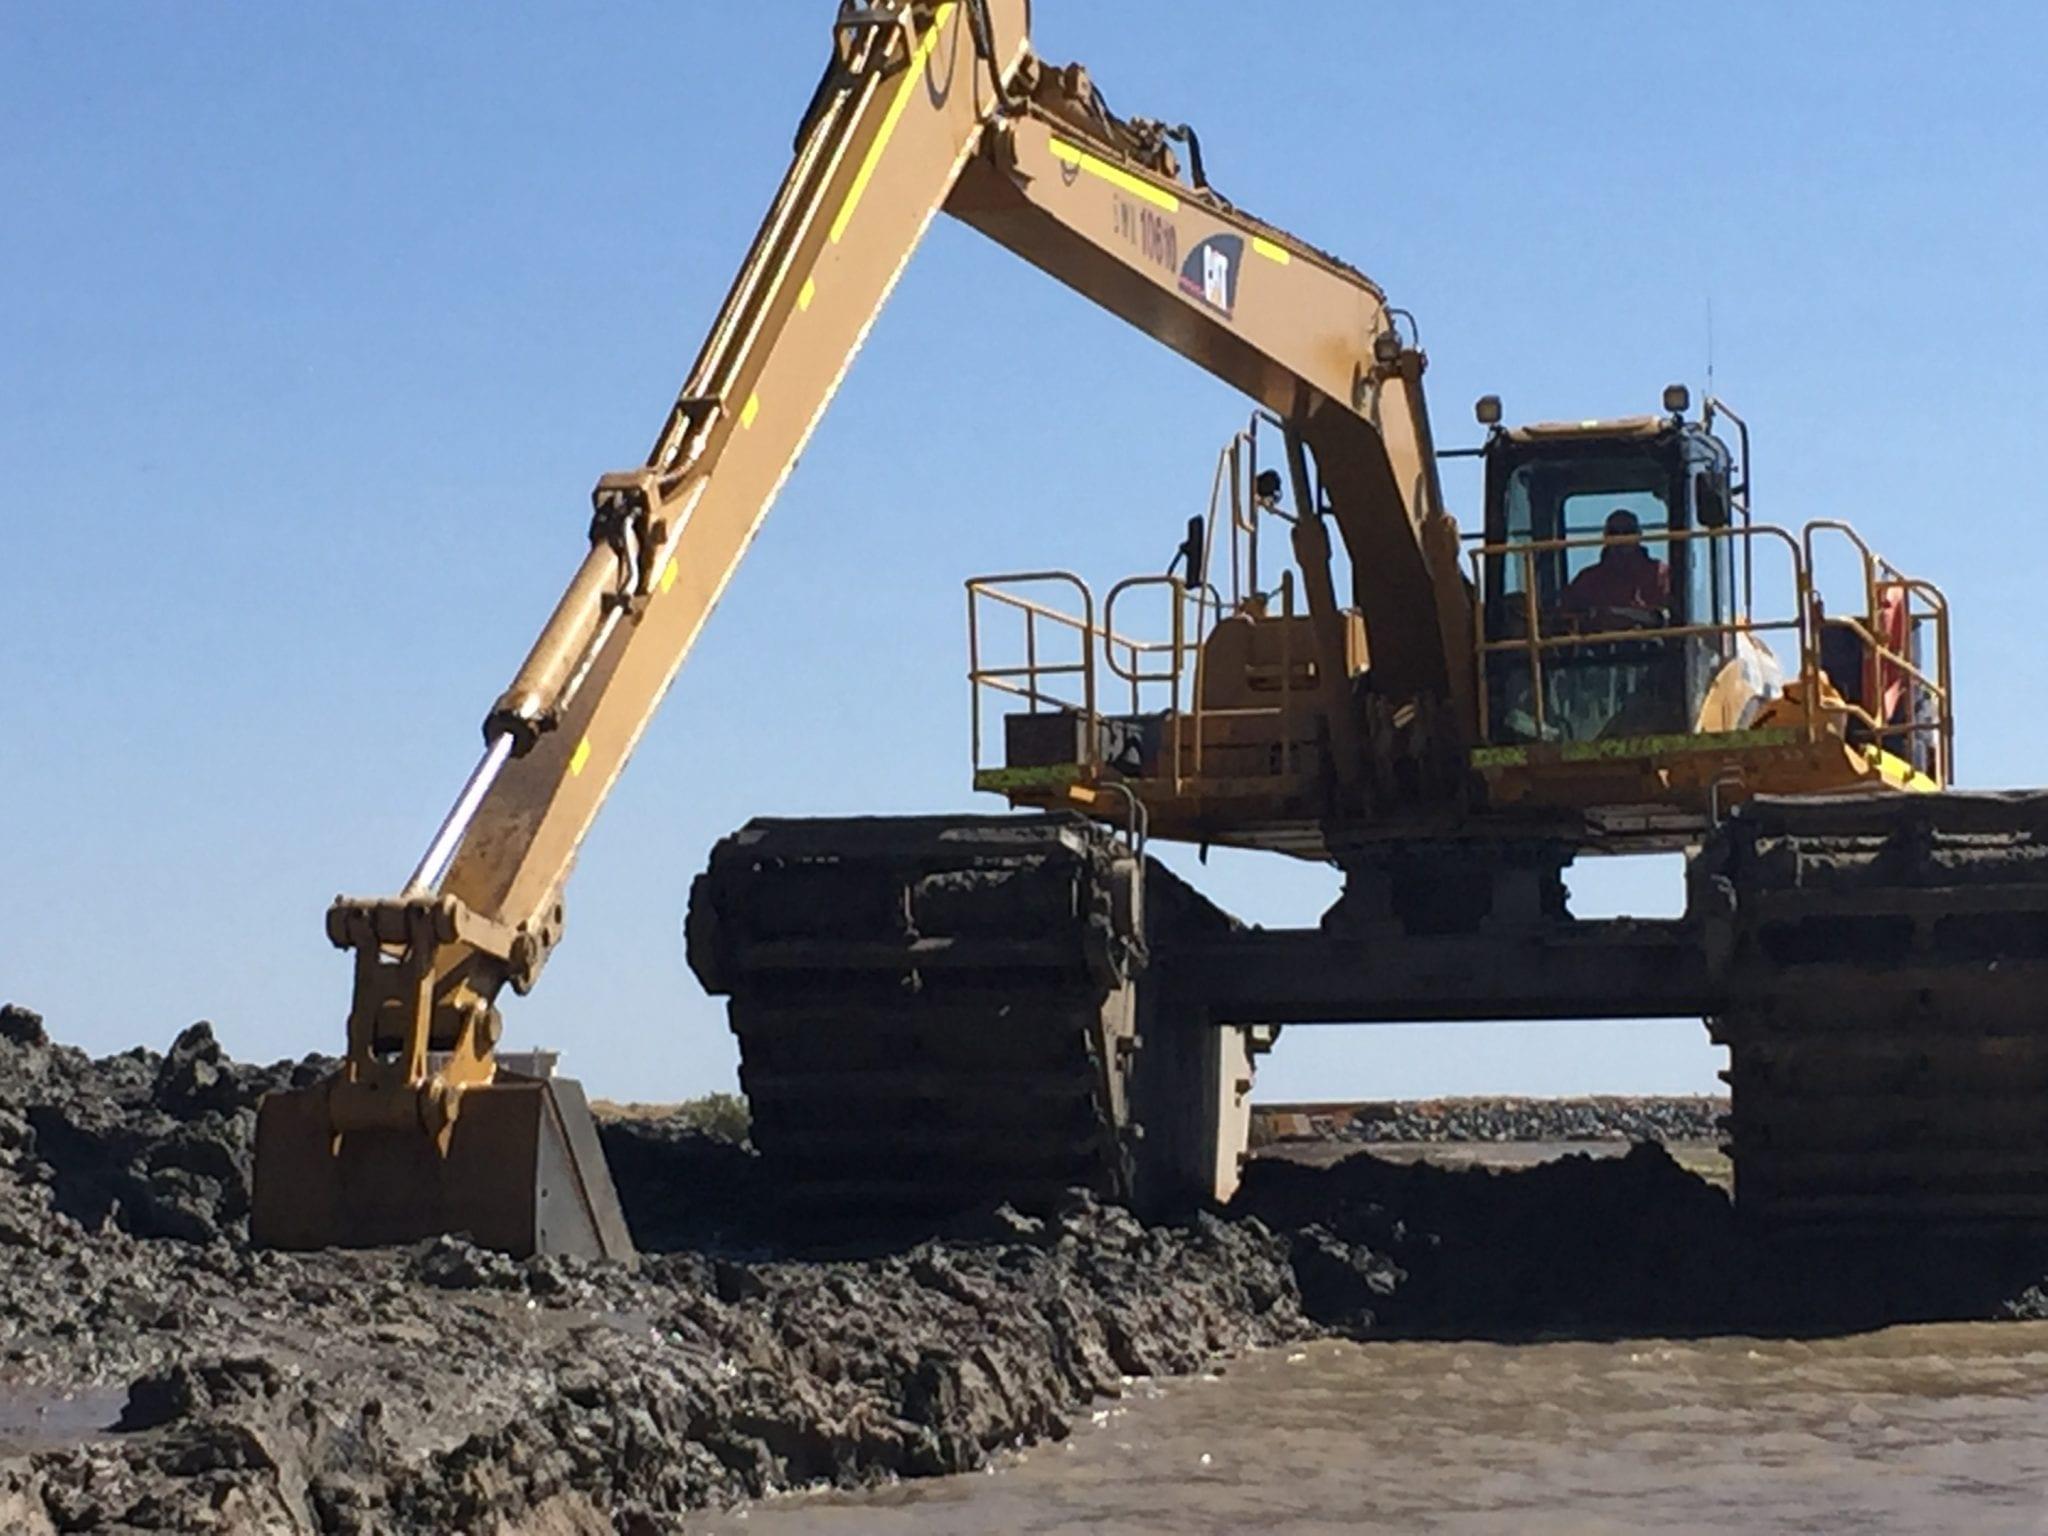 Amphibious Excavator Mine Site Construction Services